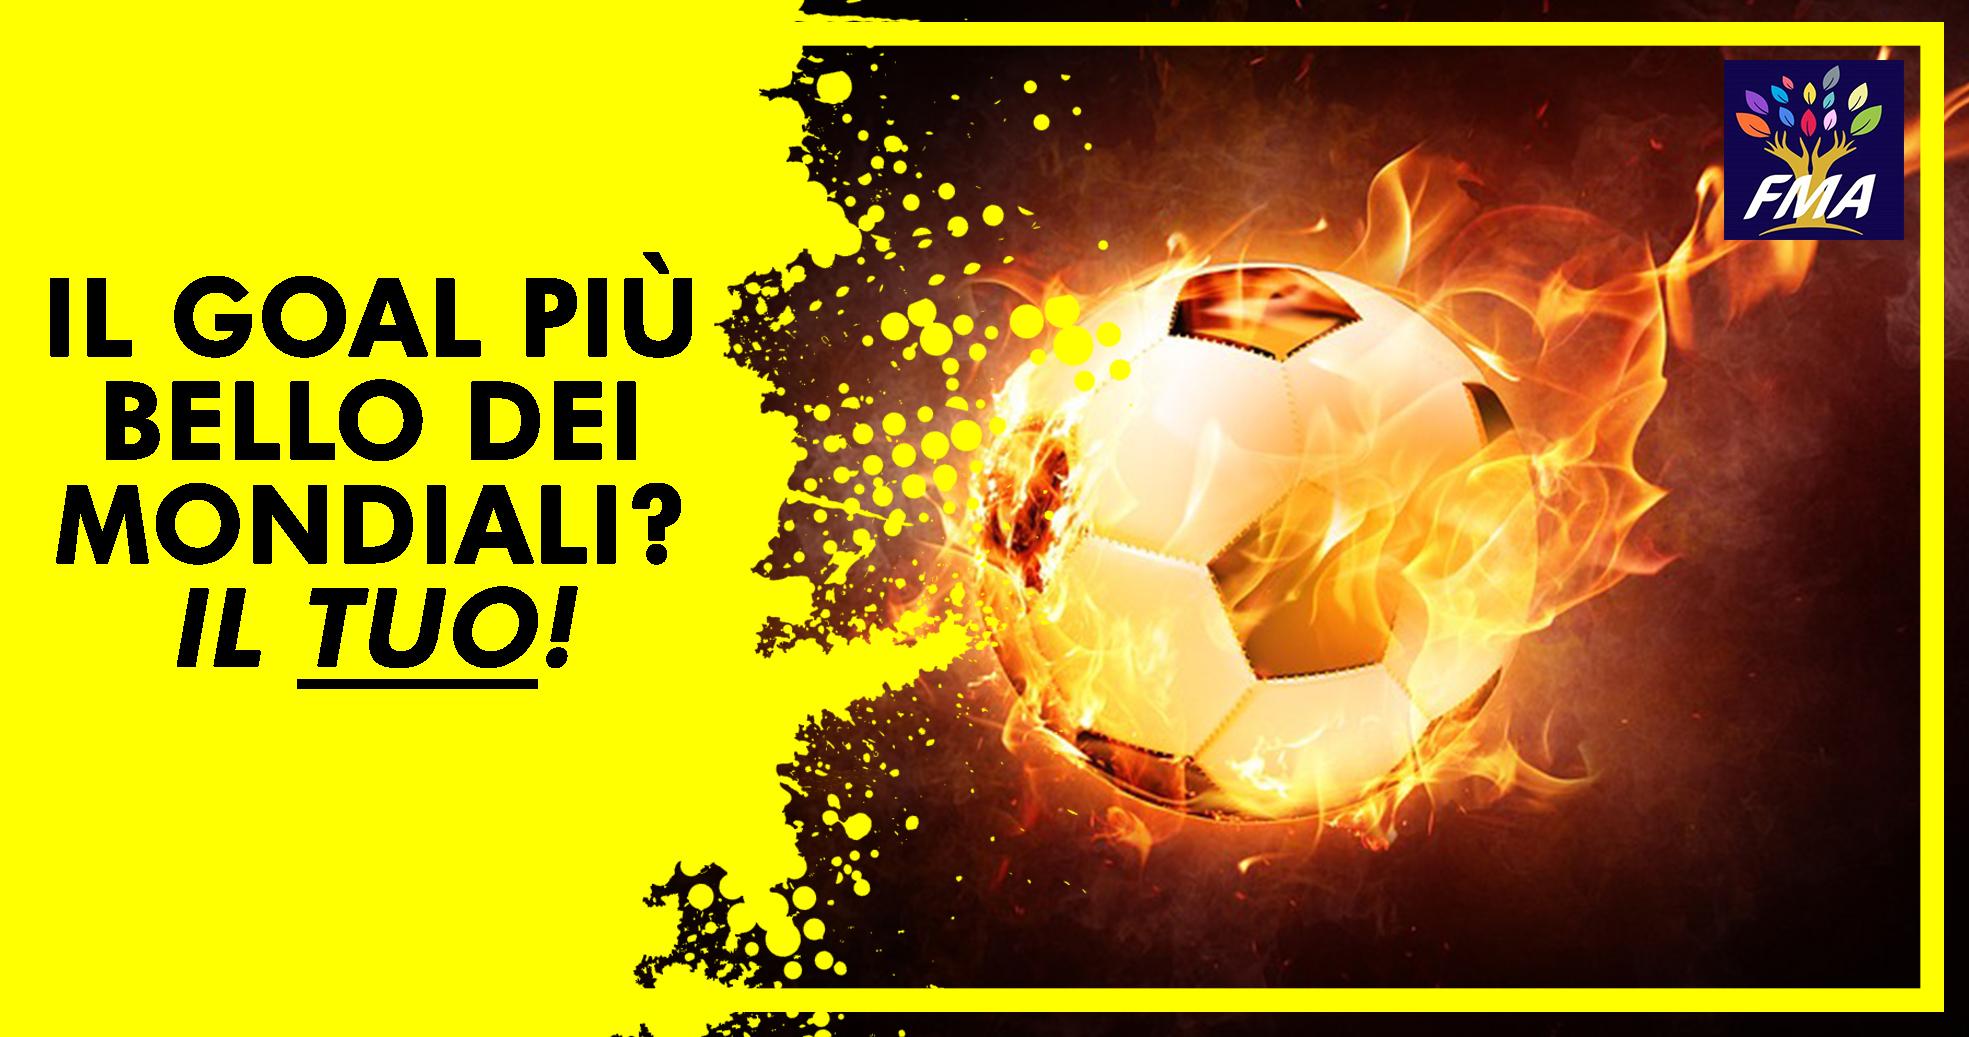 Il goal più bello dei mondiali? Il tuo!